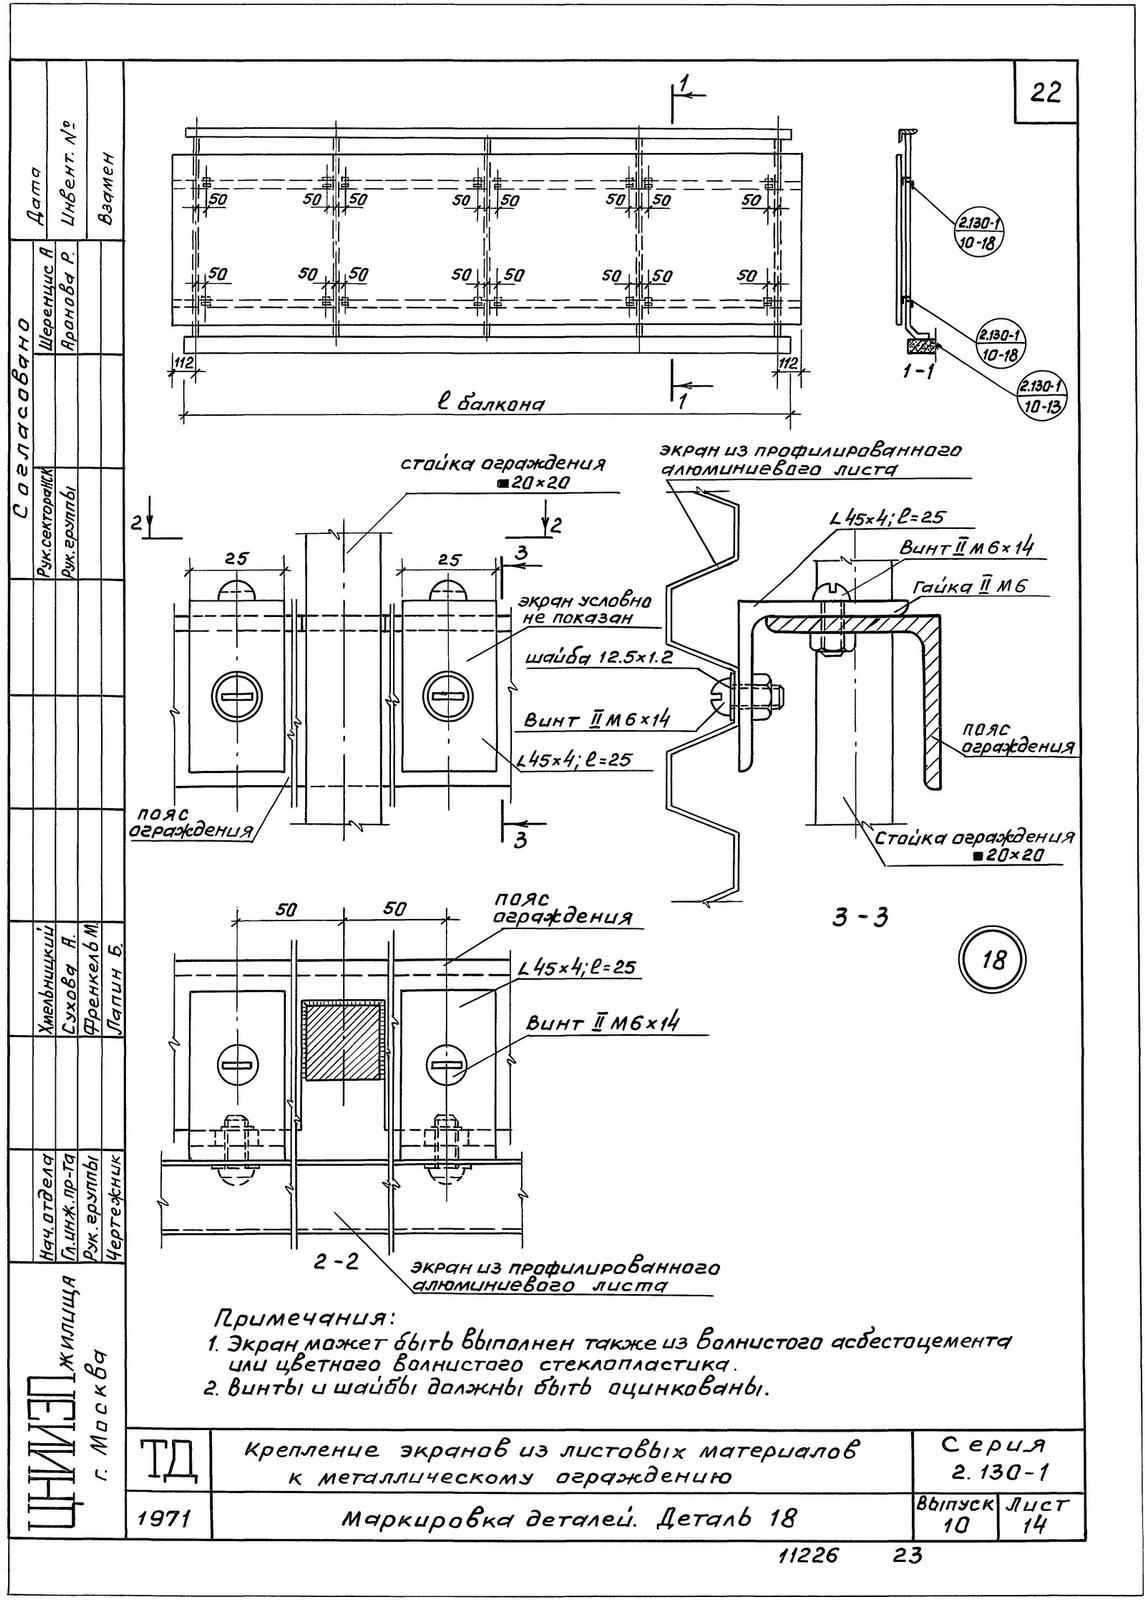 Железобетонный козырек в стену железобетонным столбам